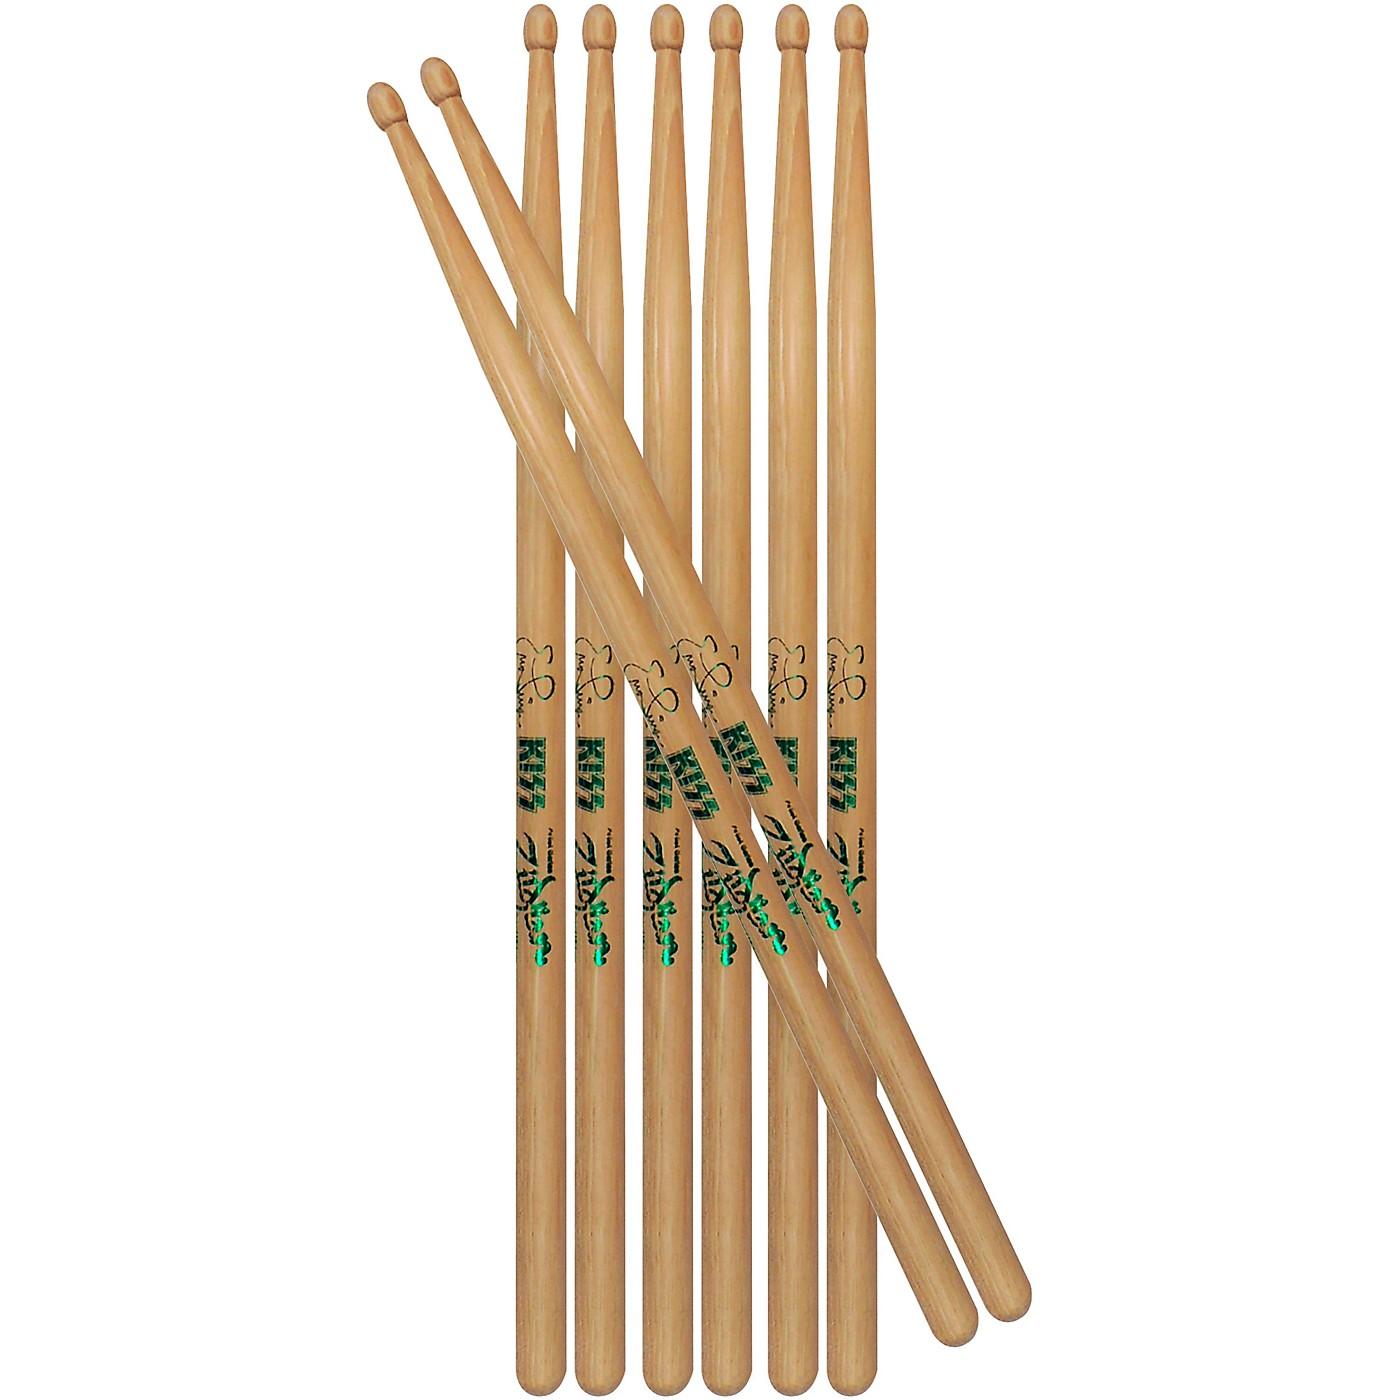 Zildjian Artist Series Eric Singer Drum Sticks, Buy 3, Get 1 Free thumbnail